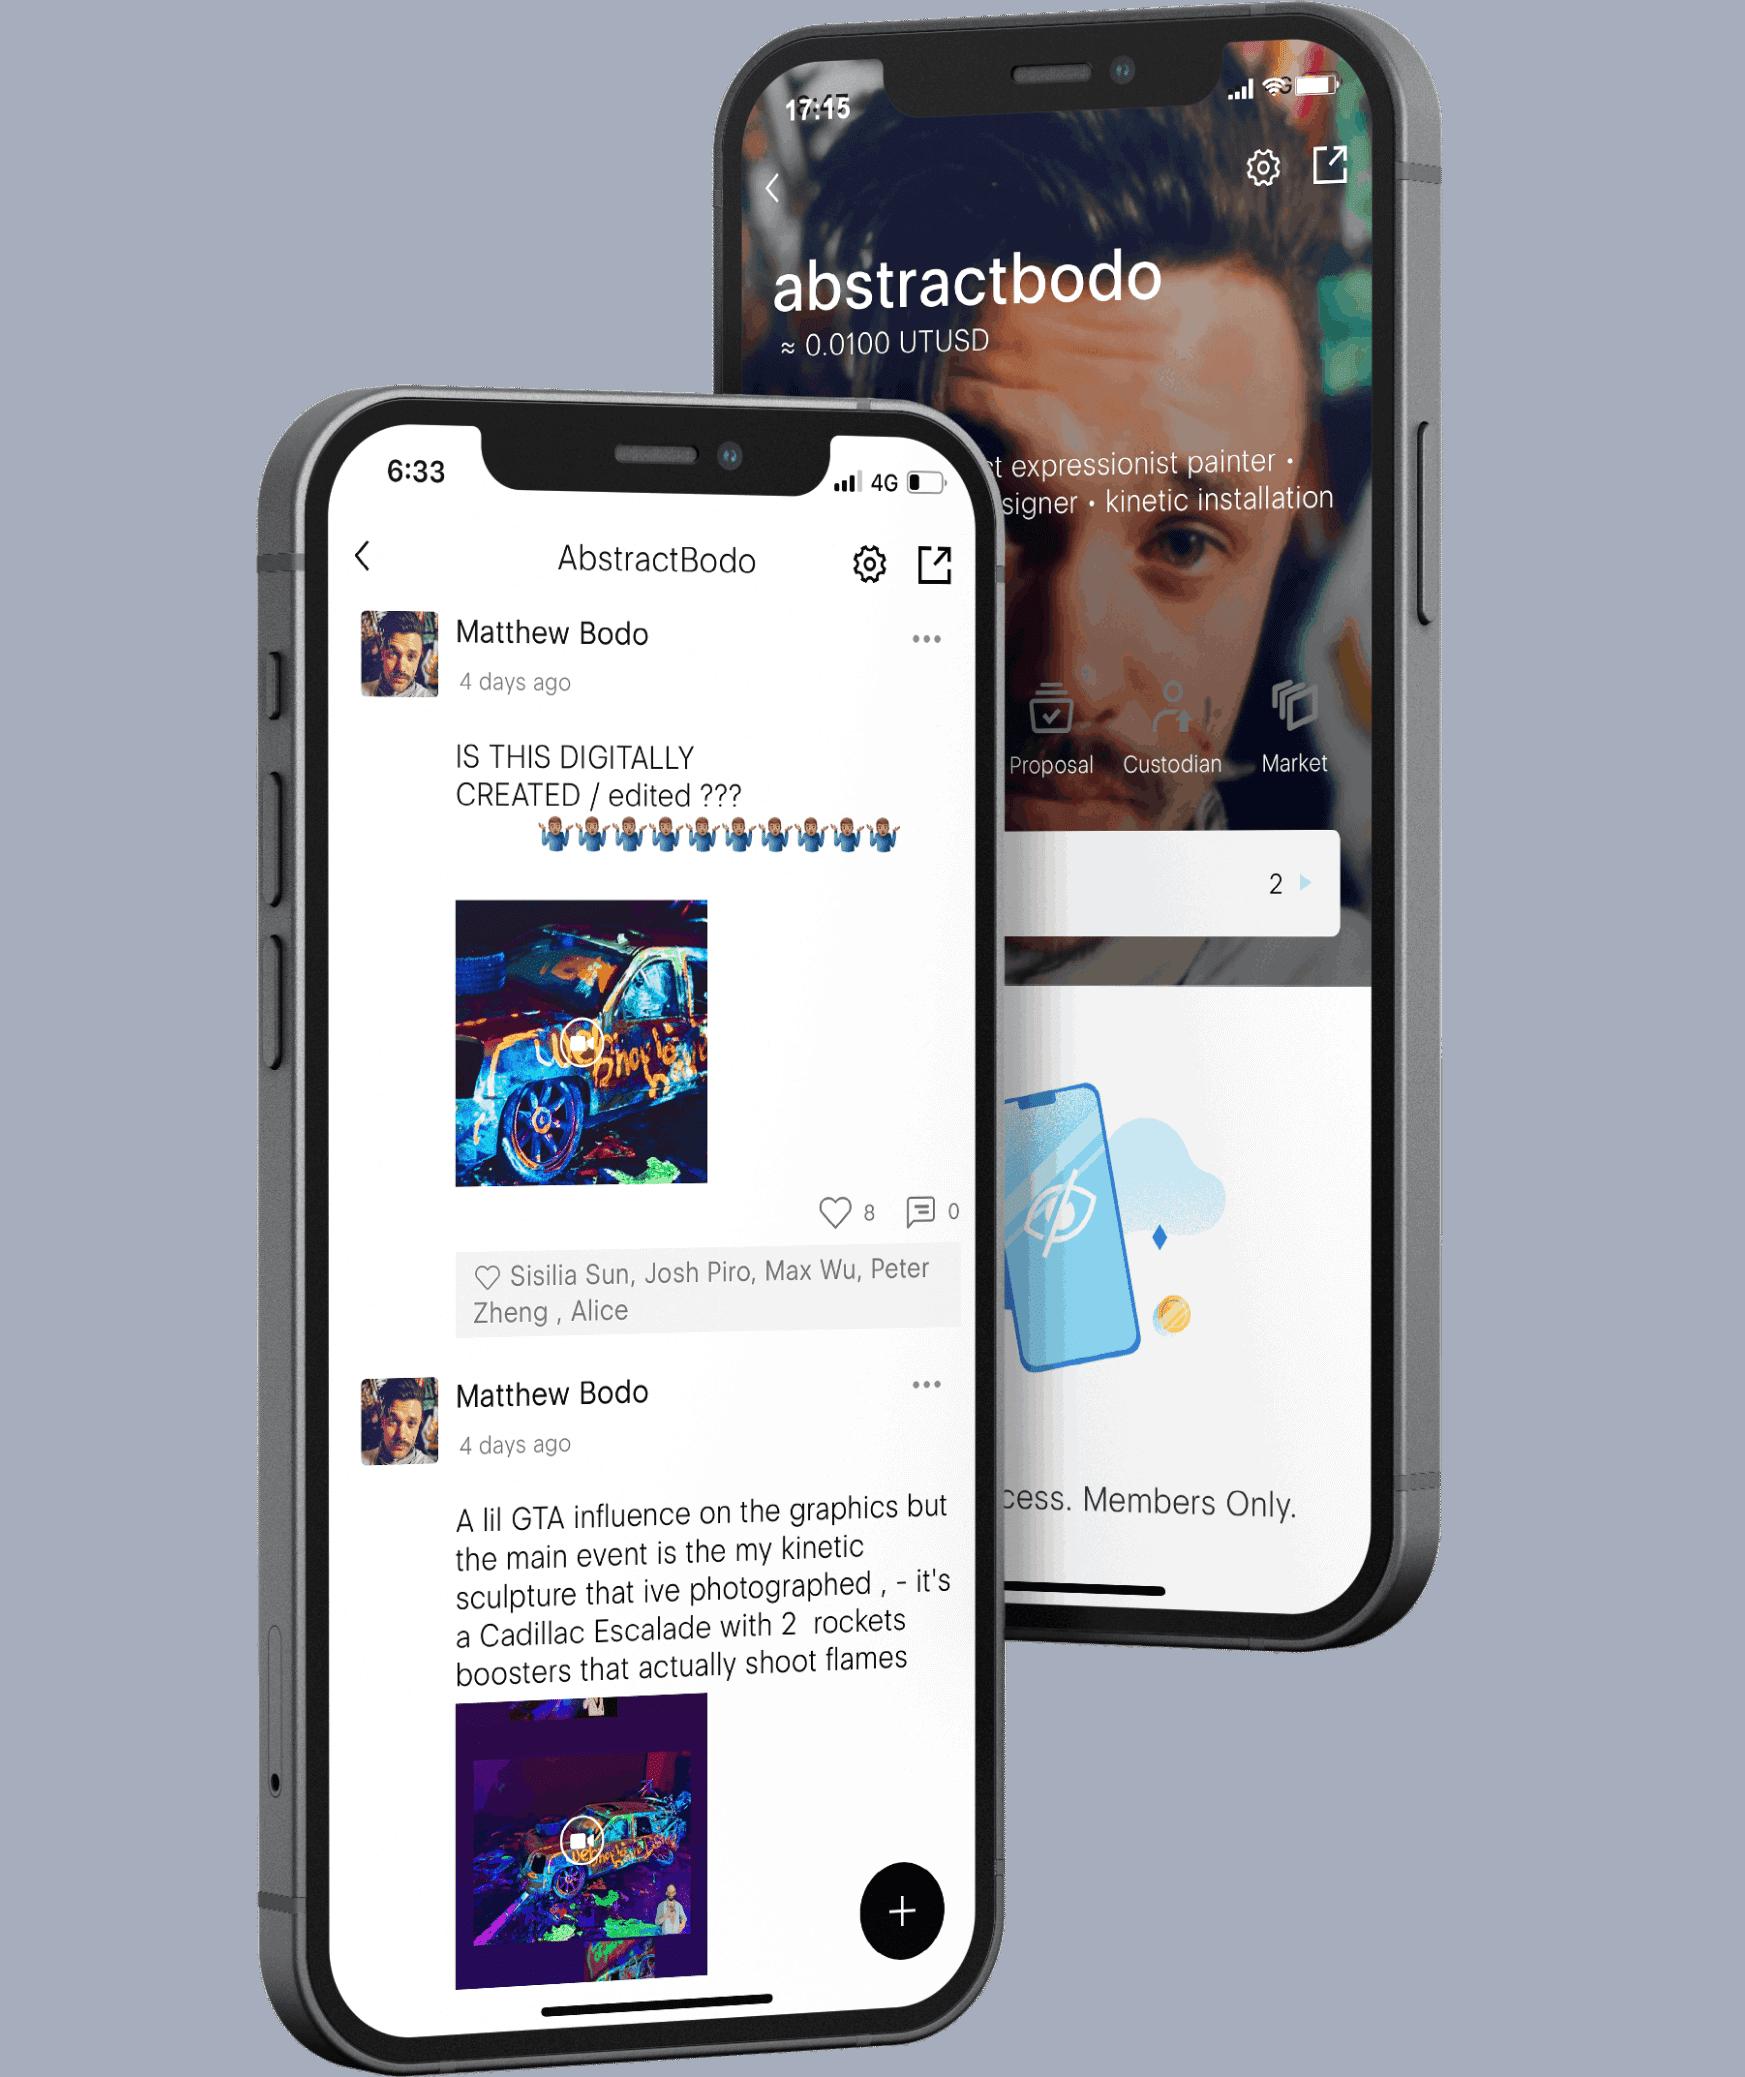 utu one social platform